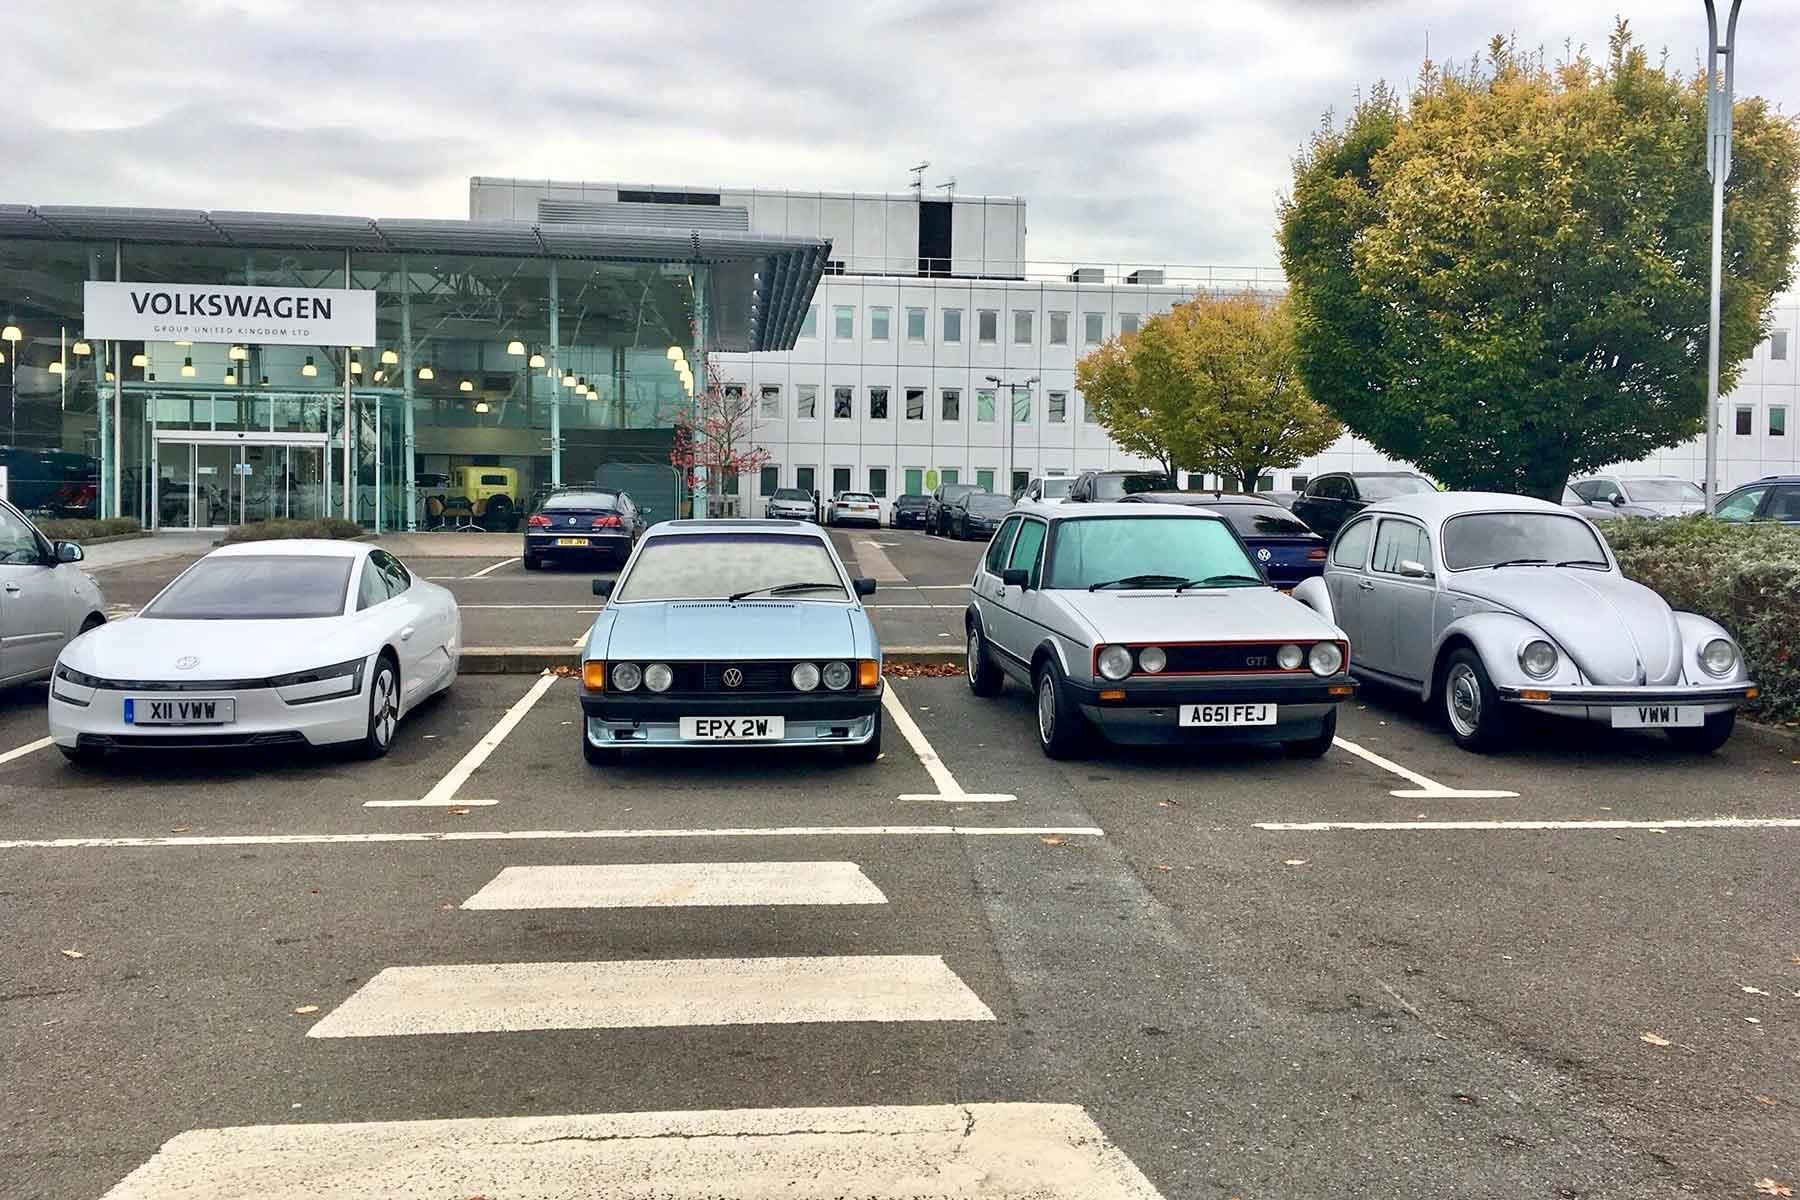 Volkswagen heritage cars